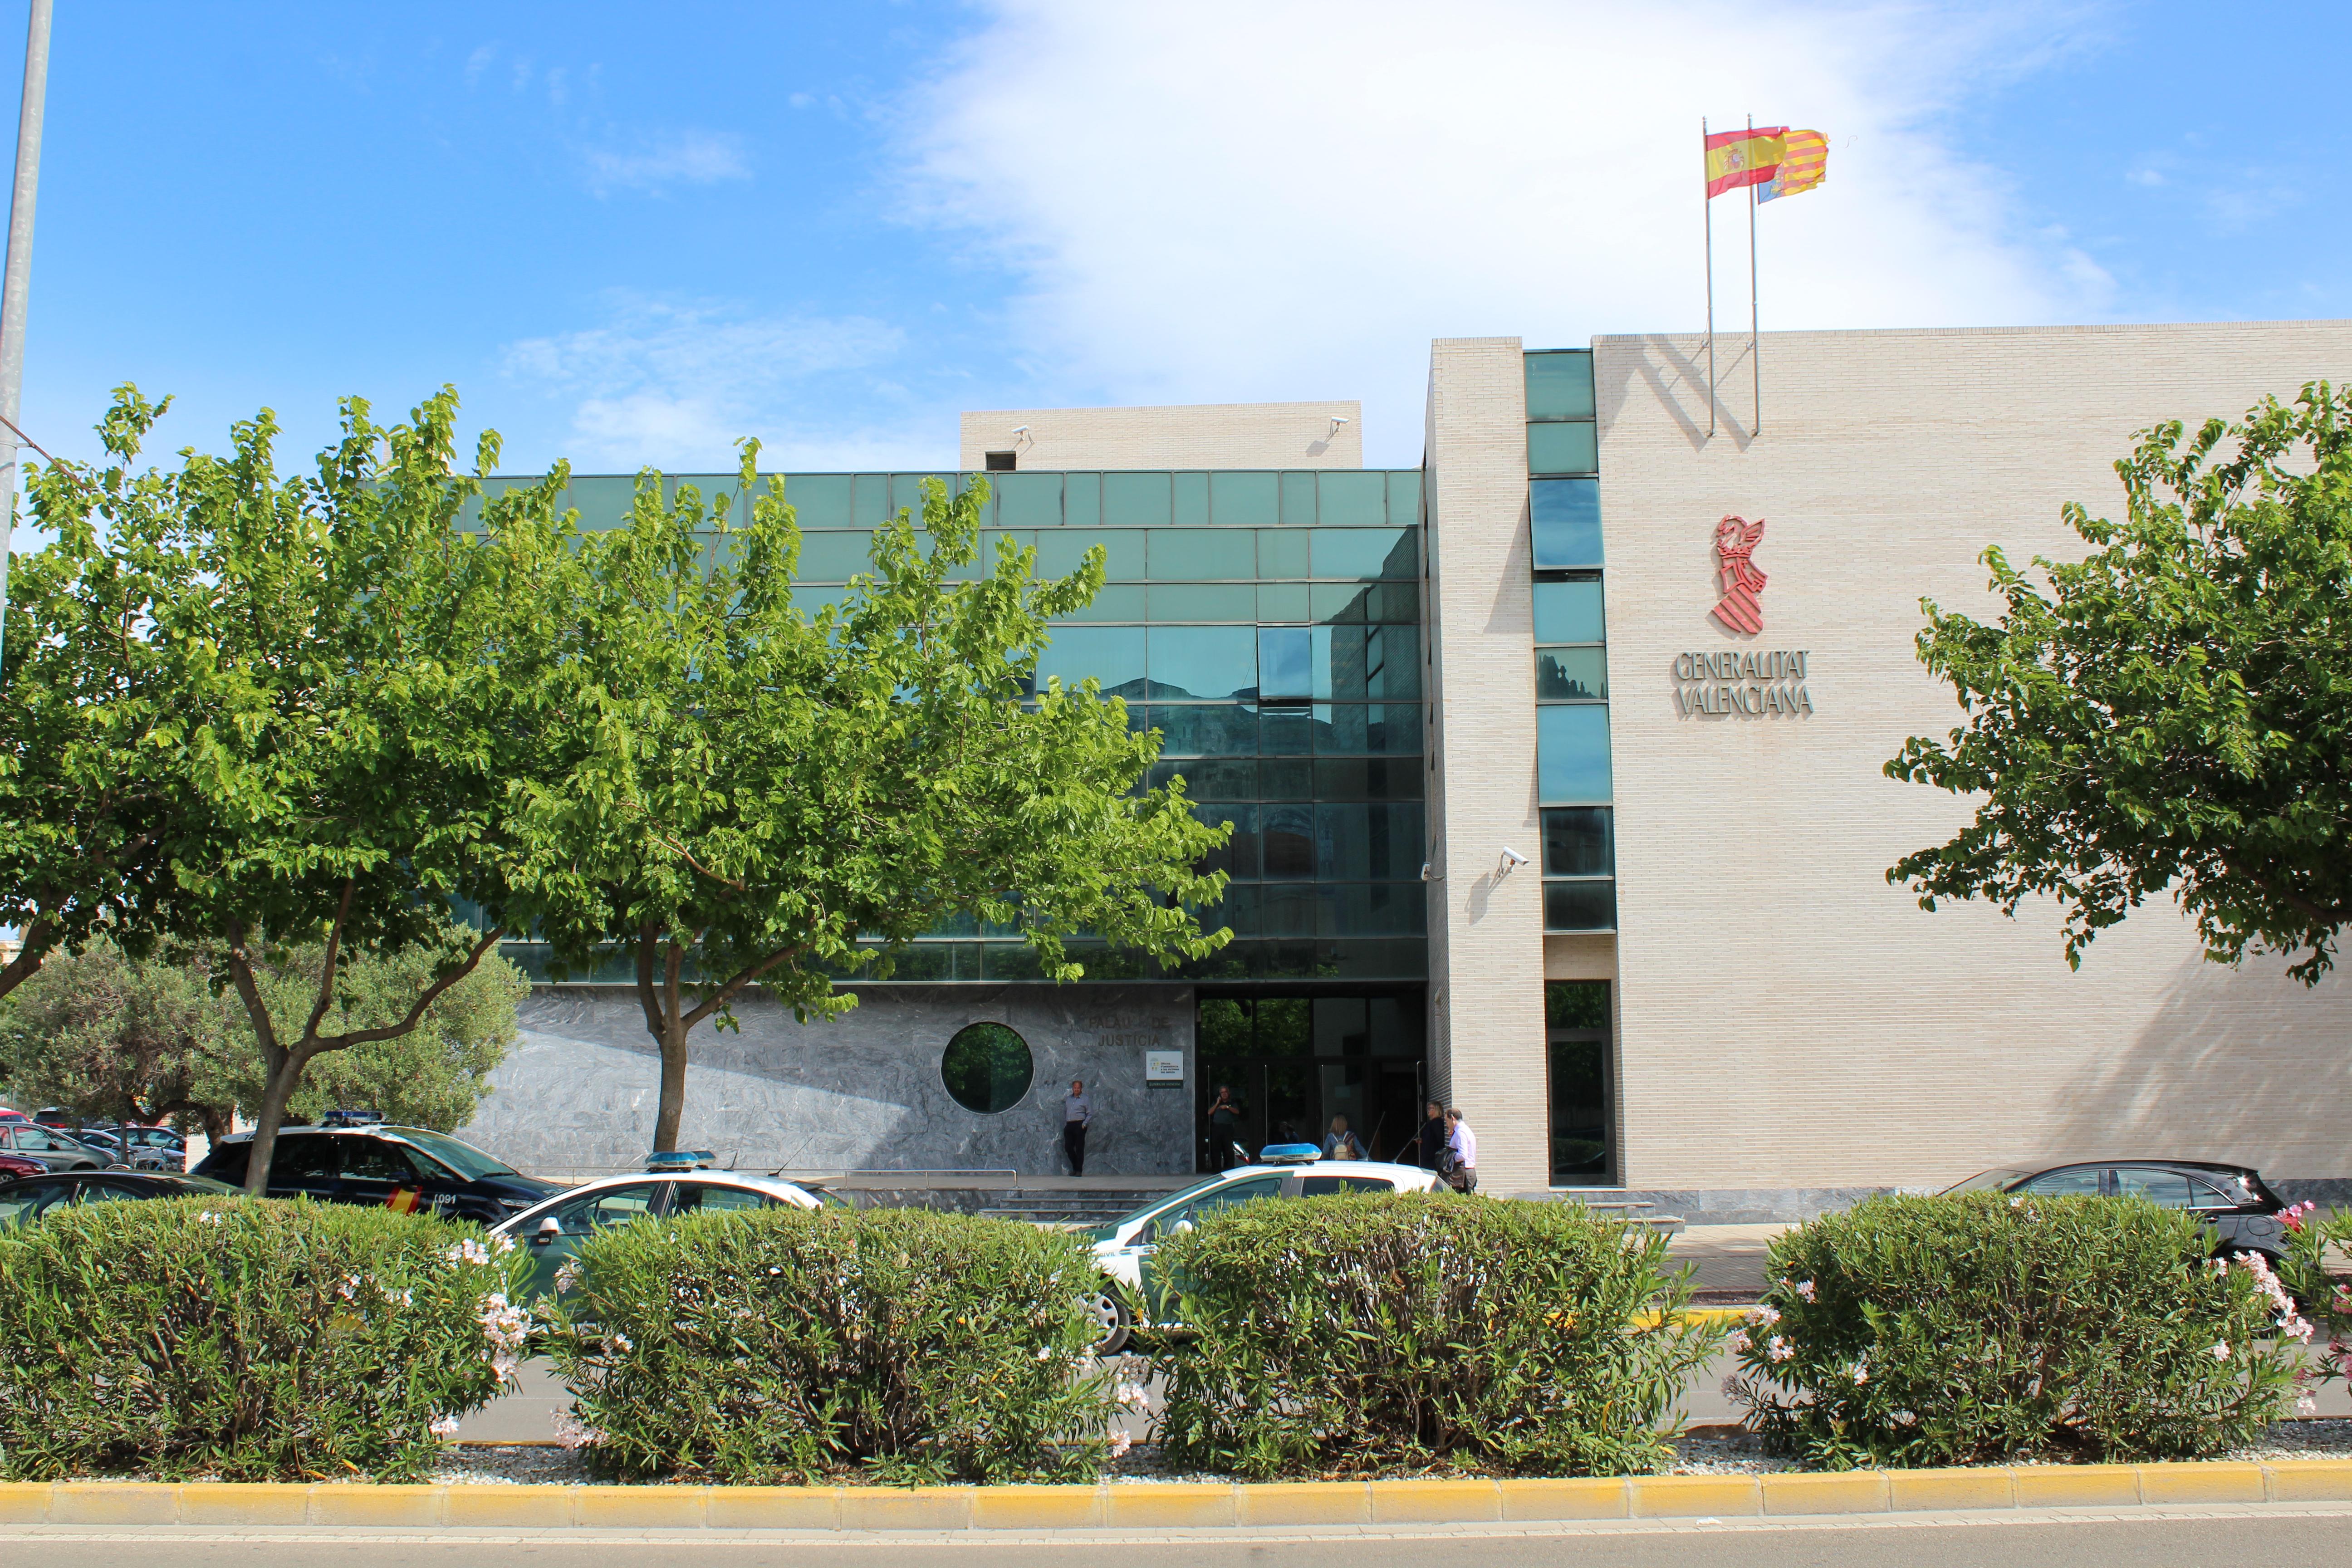 El Ple de l'ajuntament aprovarà la cessió a la Conselleria de Justícia d'un terreny de 870m...